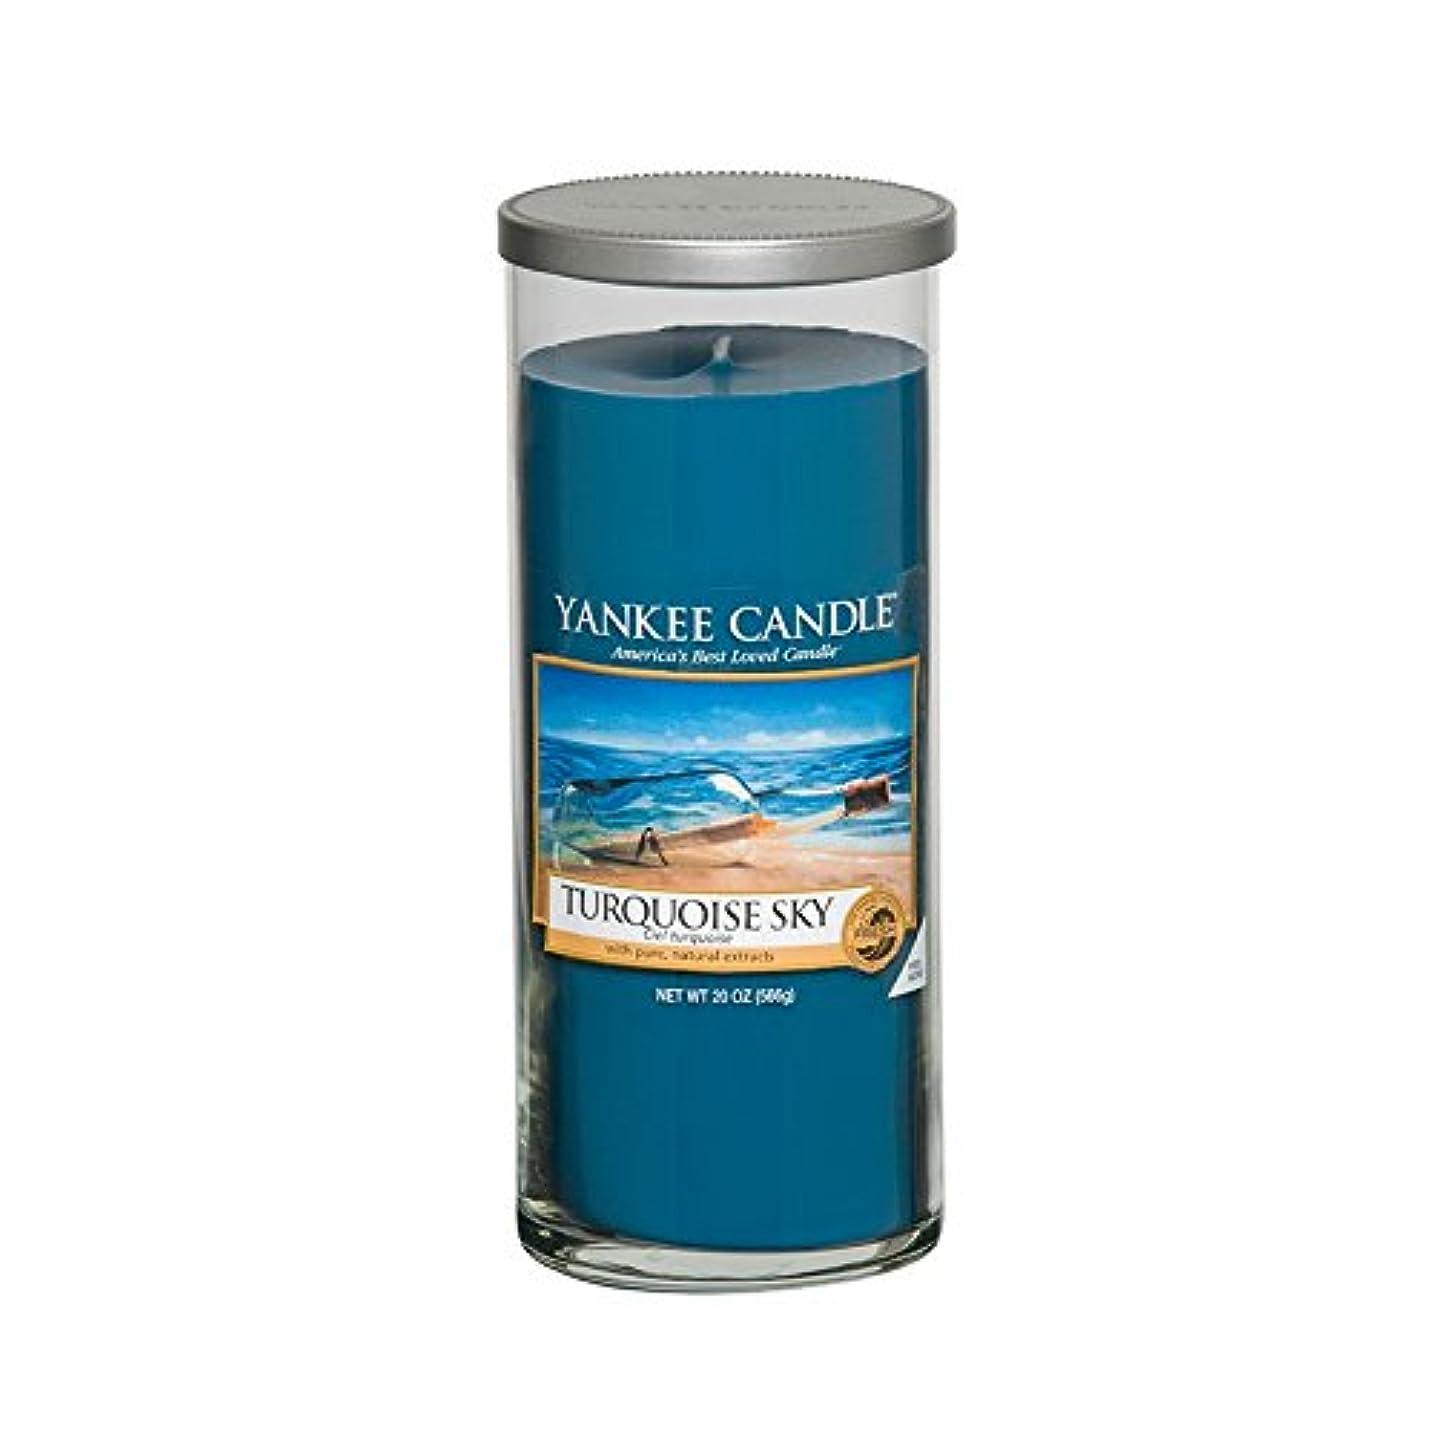 ヤンキーキャンドル大きな柱キャンドル - ターコイズの空 - Yankee Candles Large Pillar Candle - Turquoise Sky (Yankee Candles) [並行輸入品]